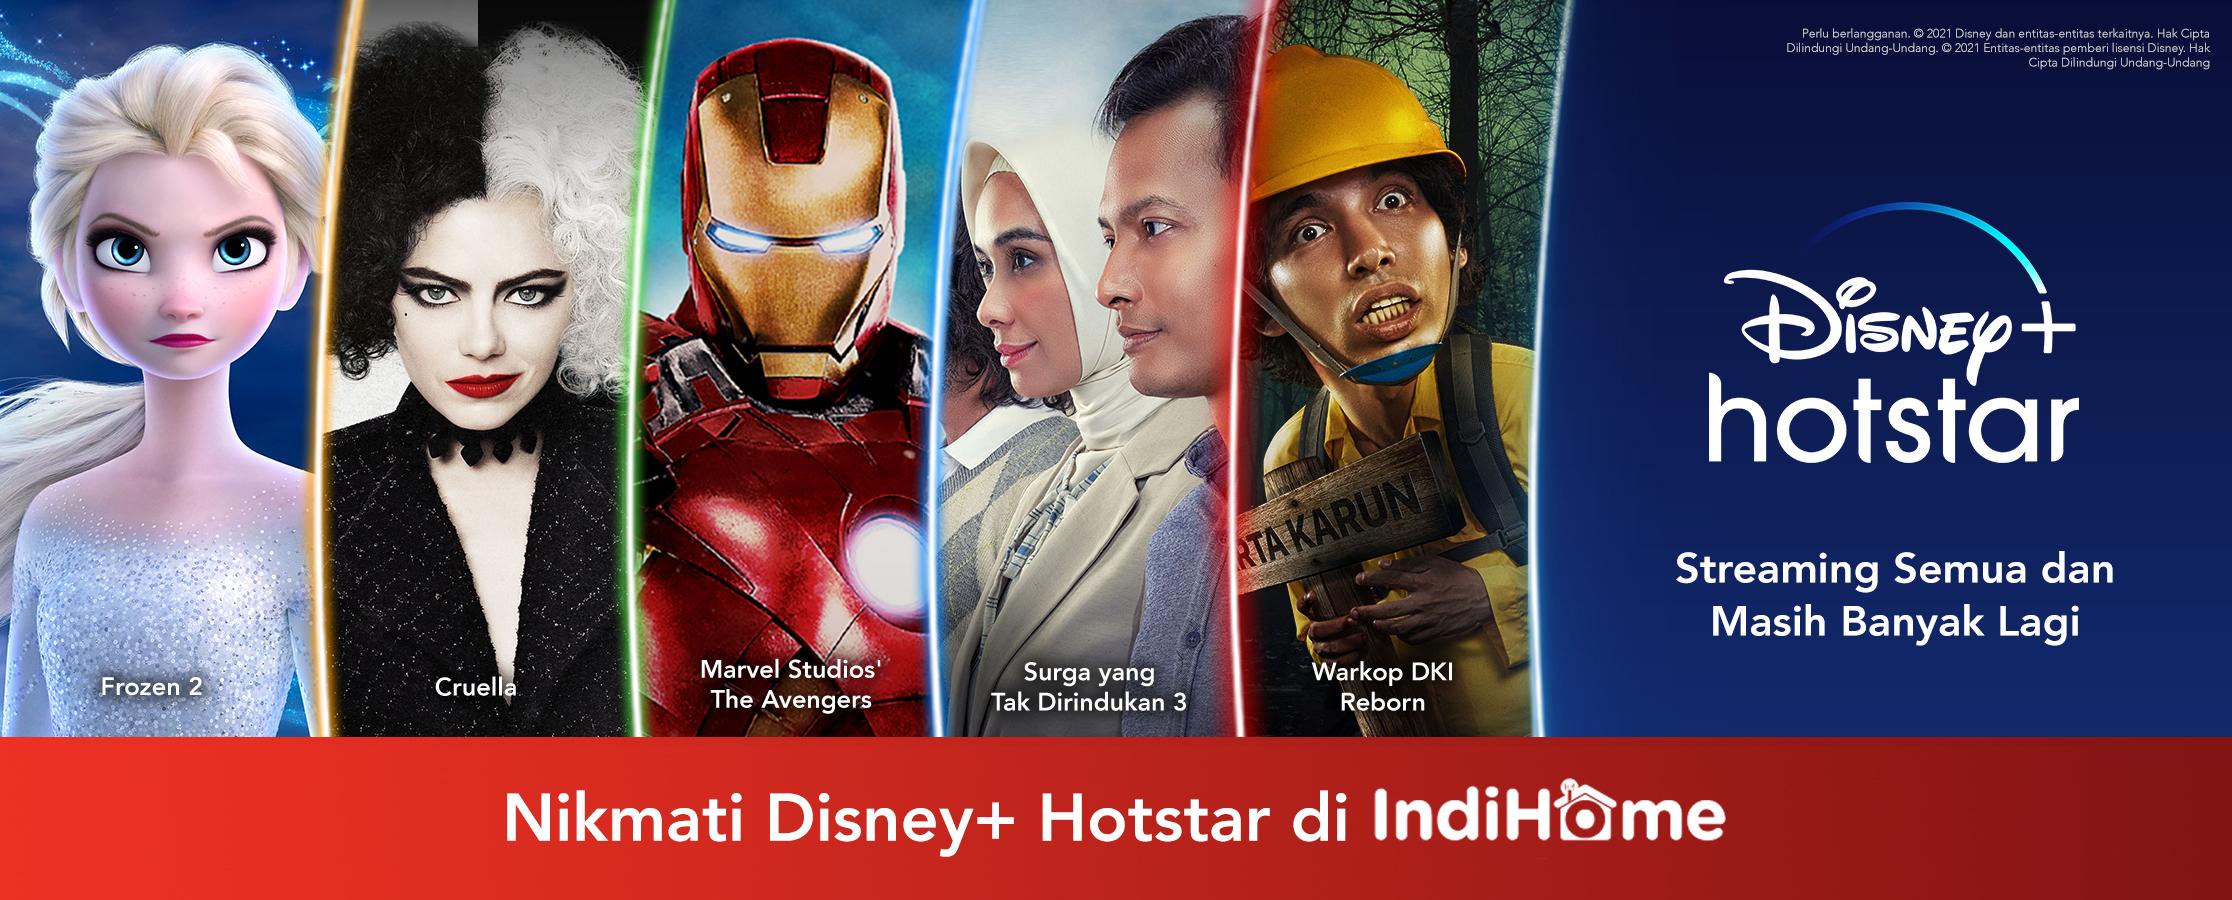 Disney+ Hotstar dan IndiHome Hadirkan Konten Hiburan Global dan Lokal untuk Para Konsumen di Indonesia